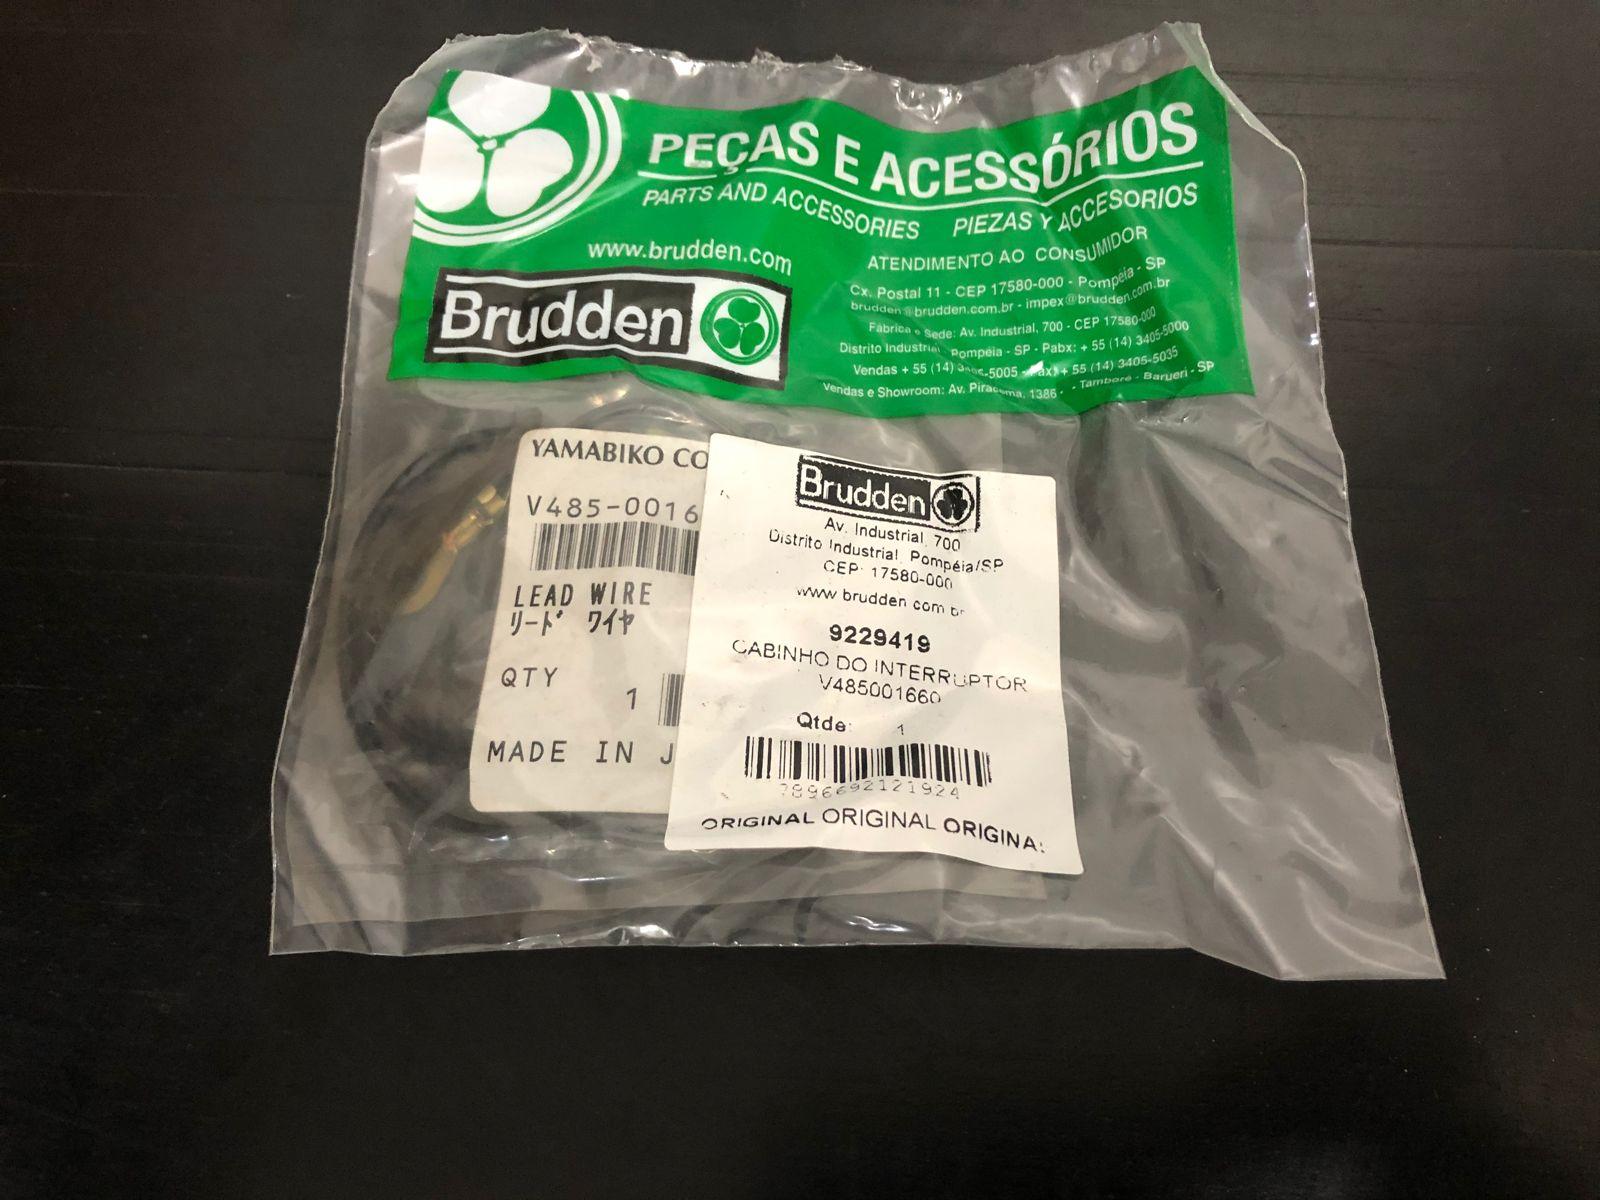 CABINHO DO INTERRUPTOR C350 BRUDDEN - 9229419